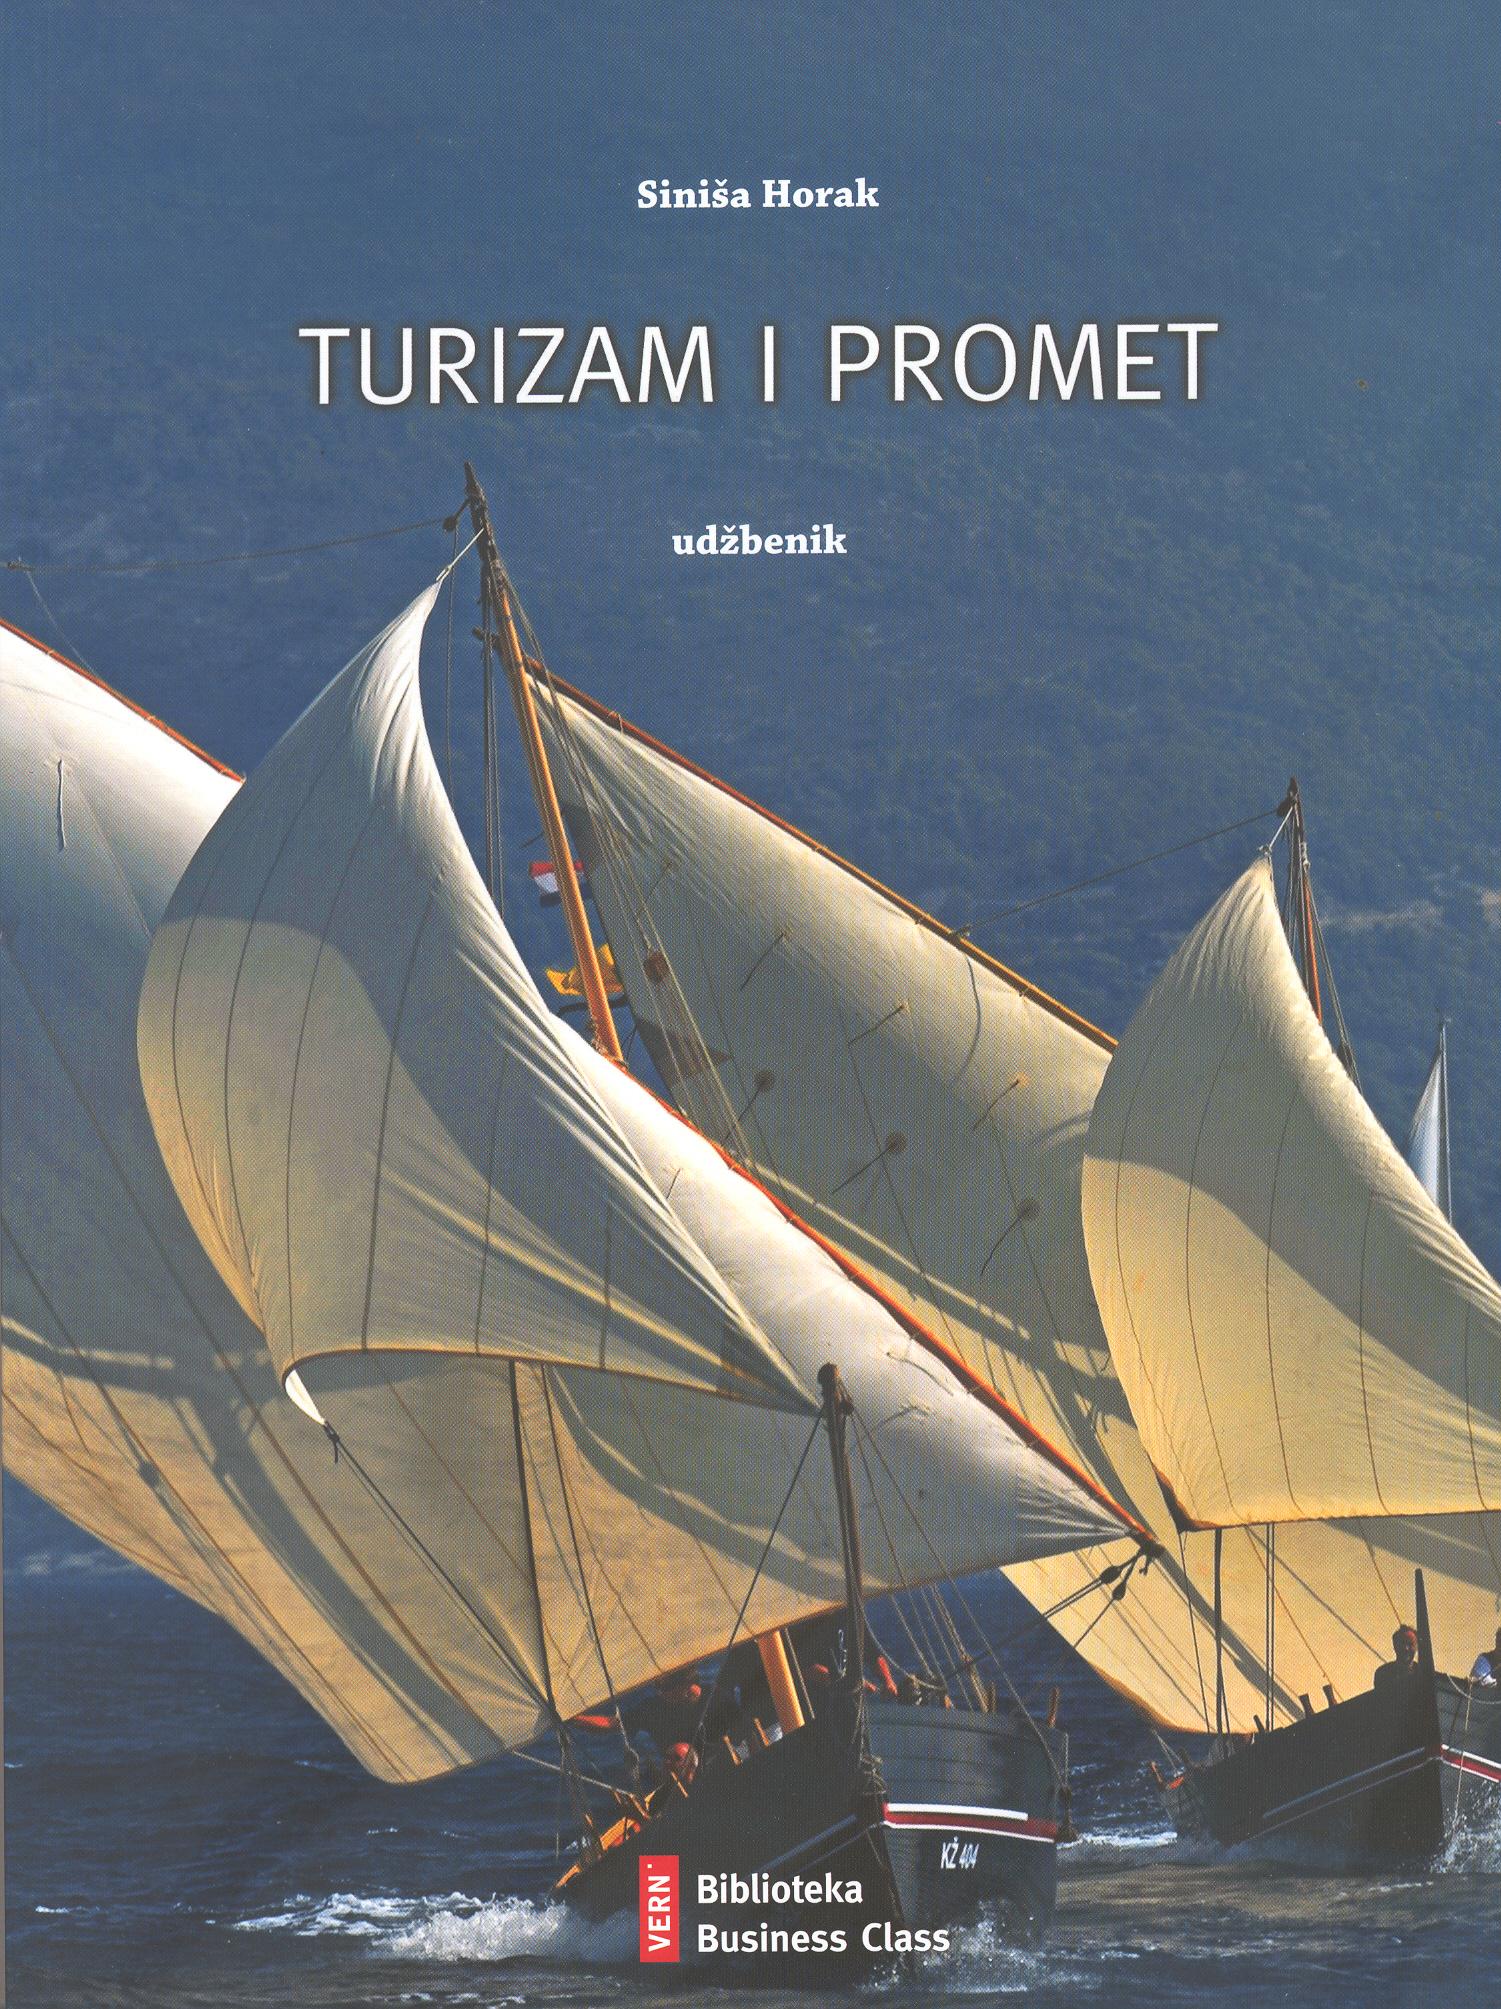 TURIZAM I PROMET